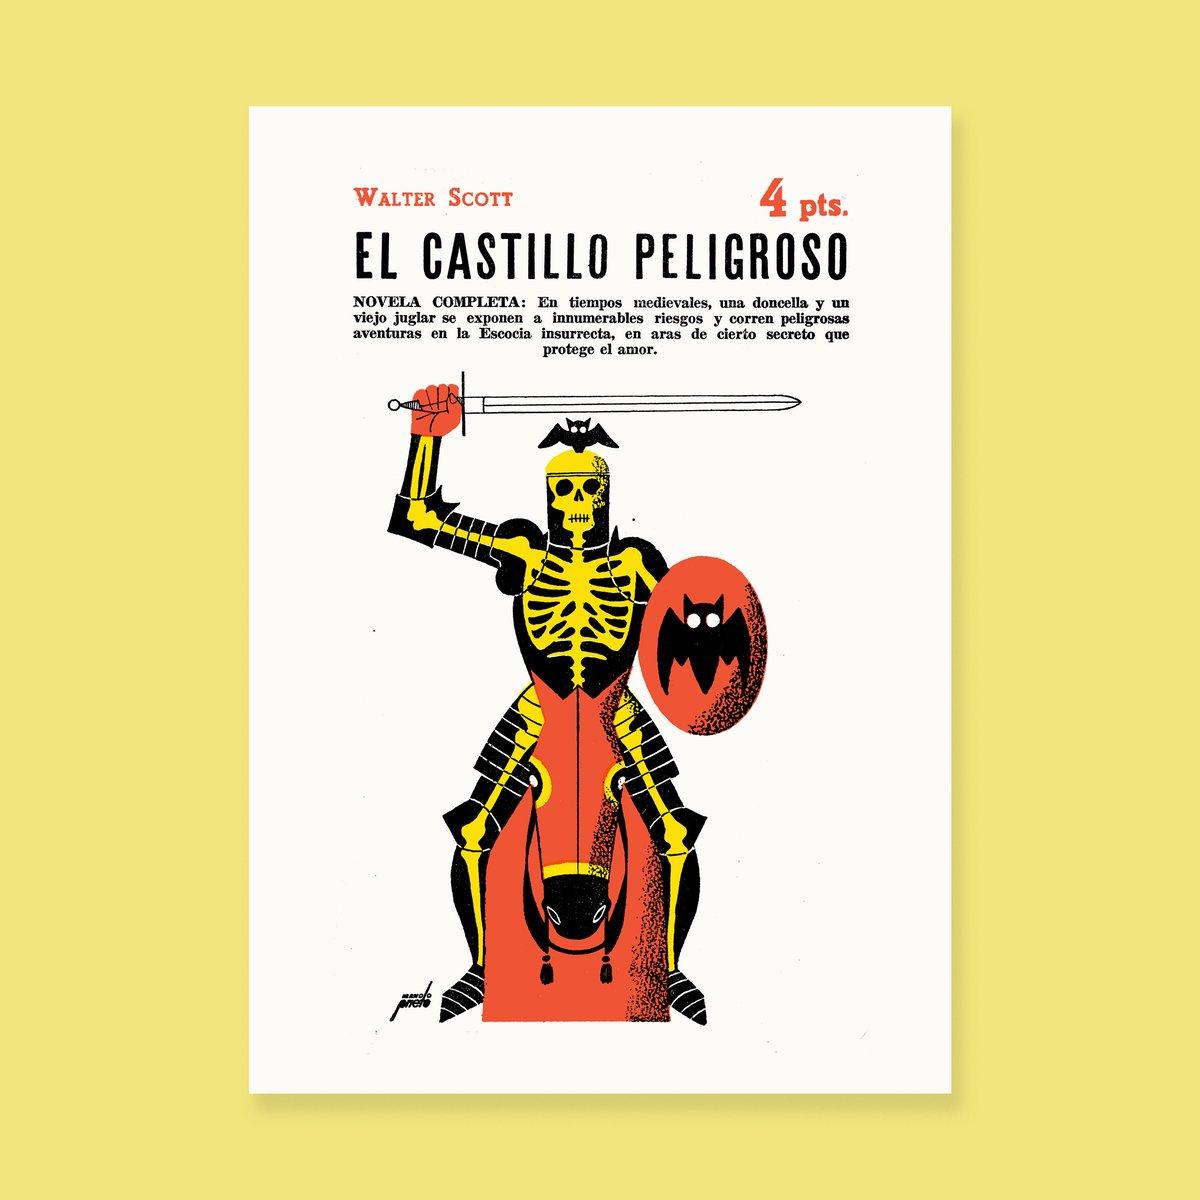 Image of El castillo peligroso